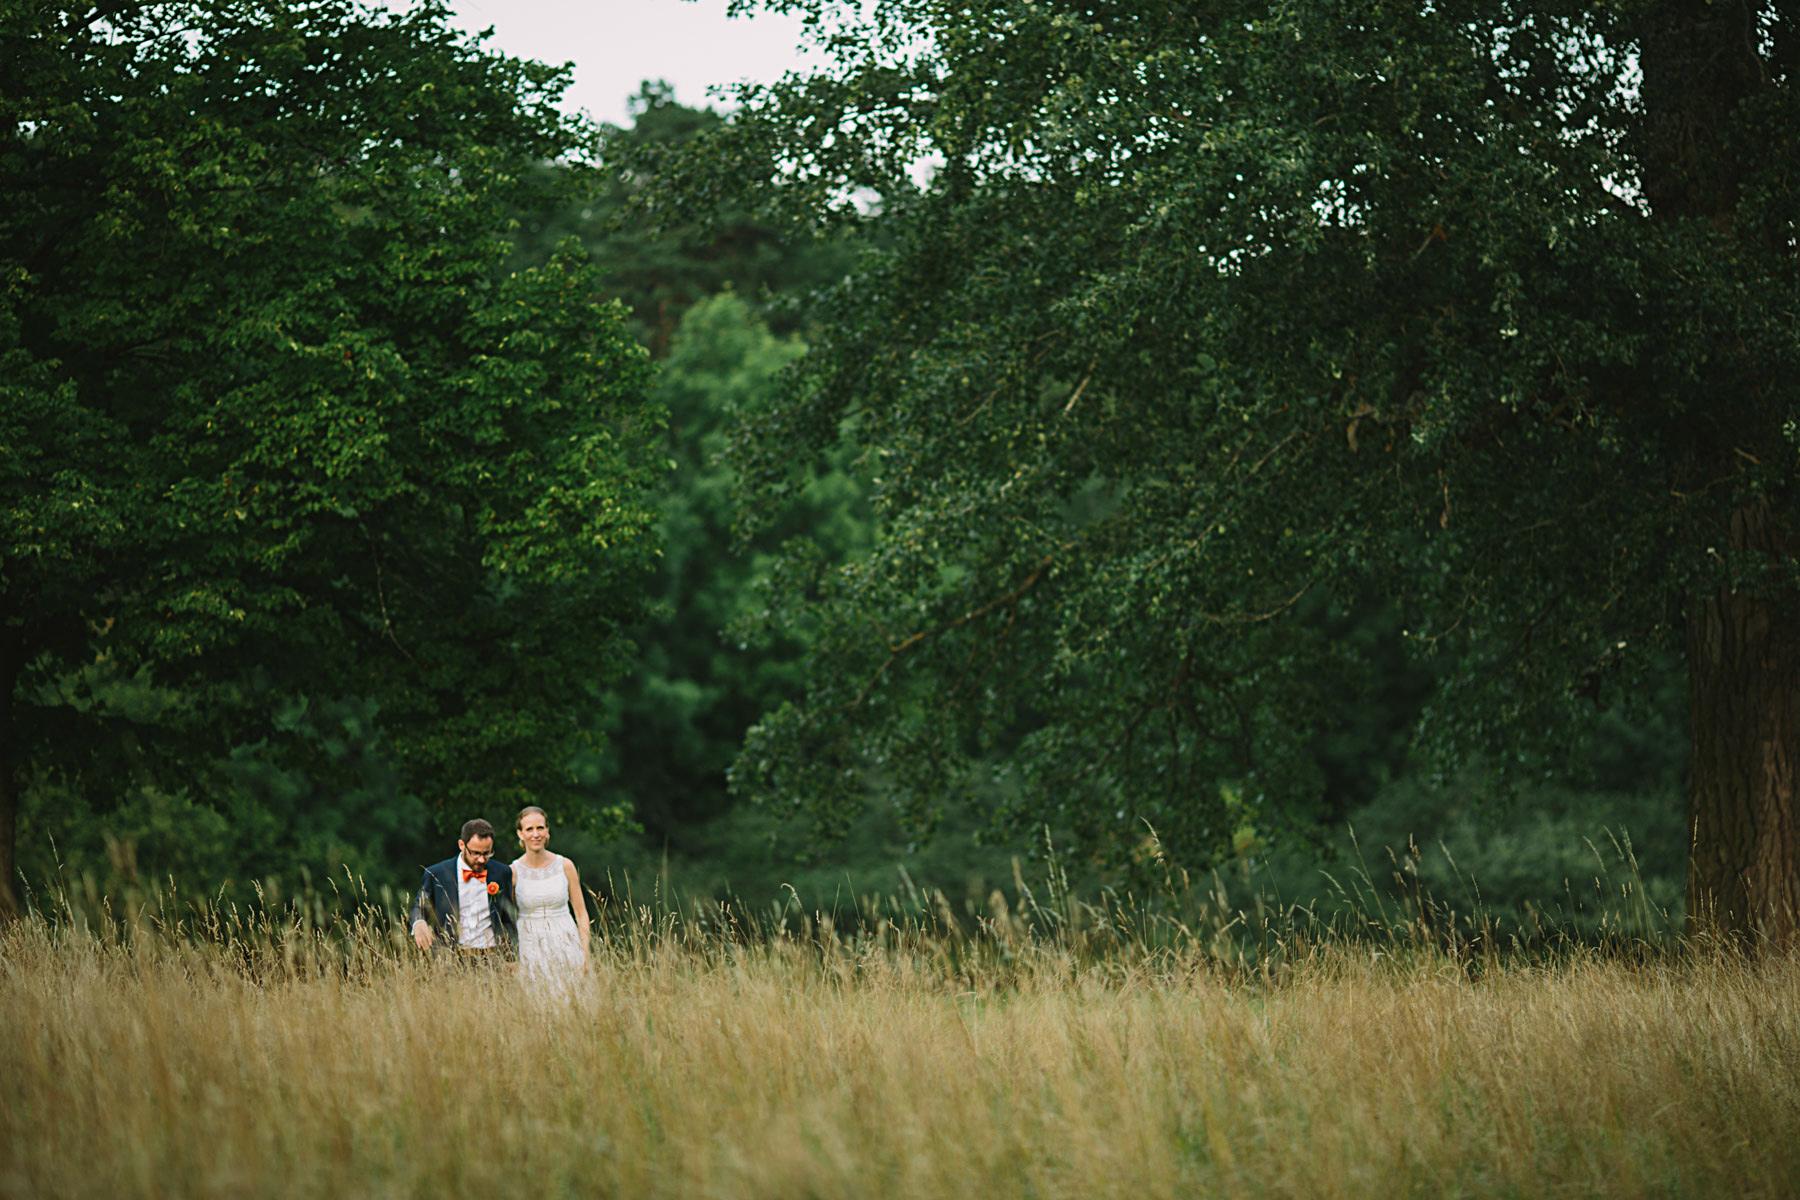 bröllopsfotograf rosendals trädgård brudparet ute och går i gräset